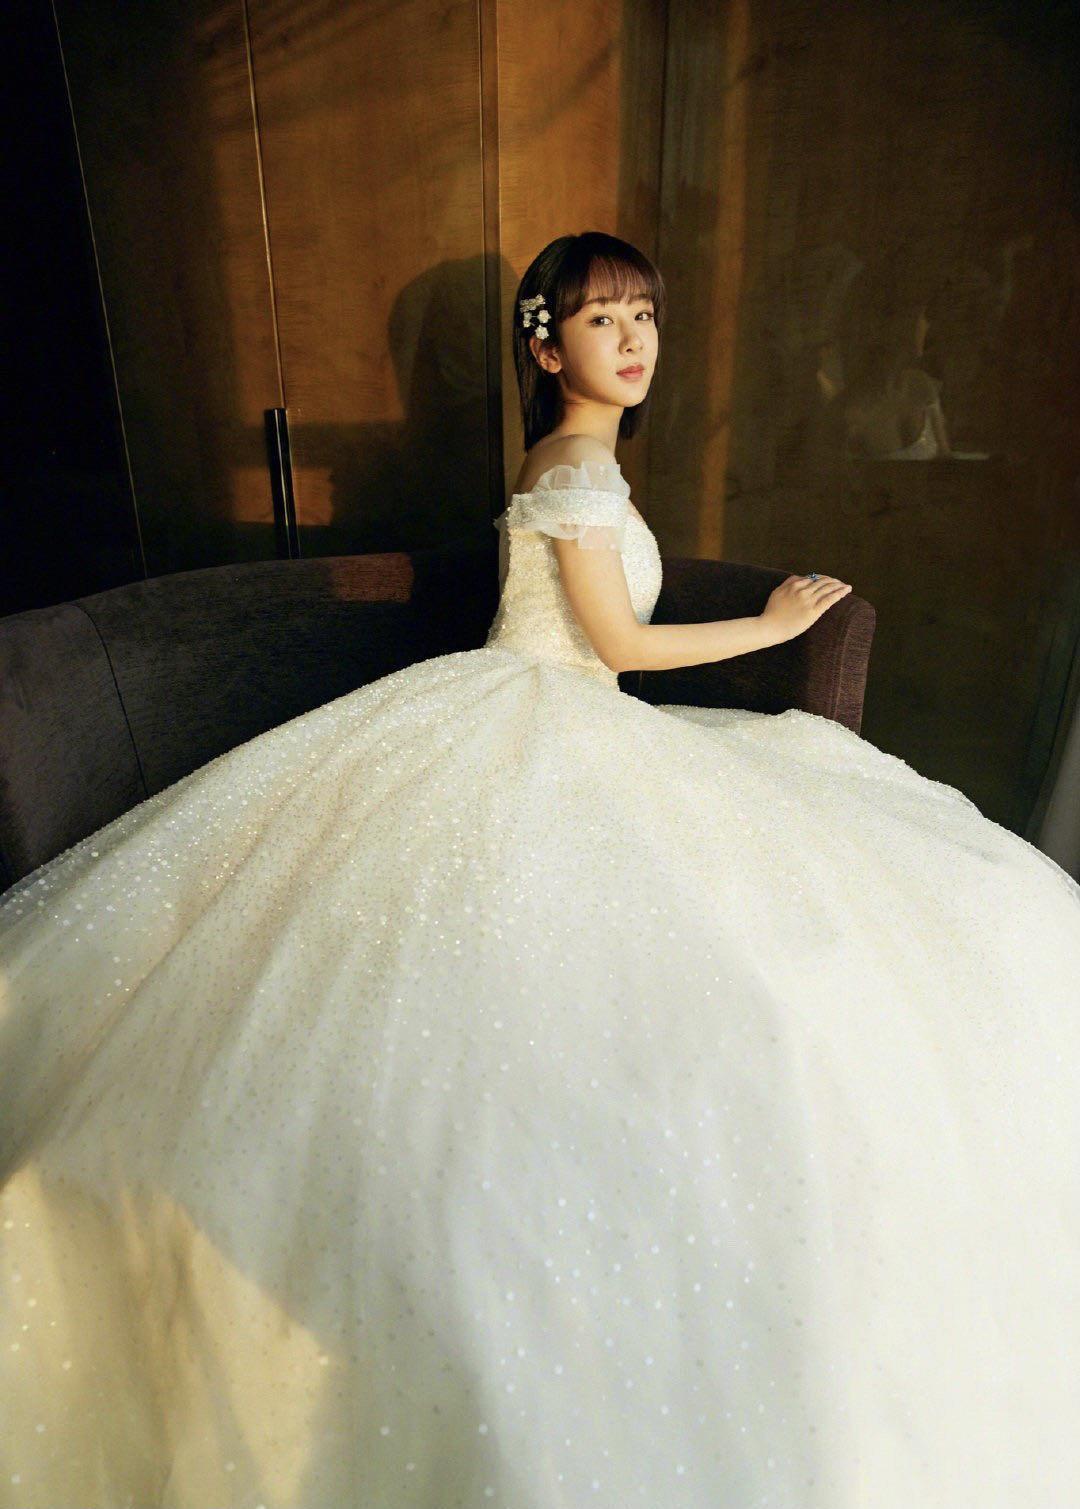 杨紫短发美出新高度,花朵发卡柔美清纯,跨年造型似白雪公主